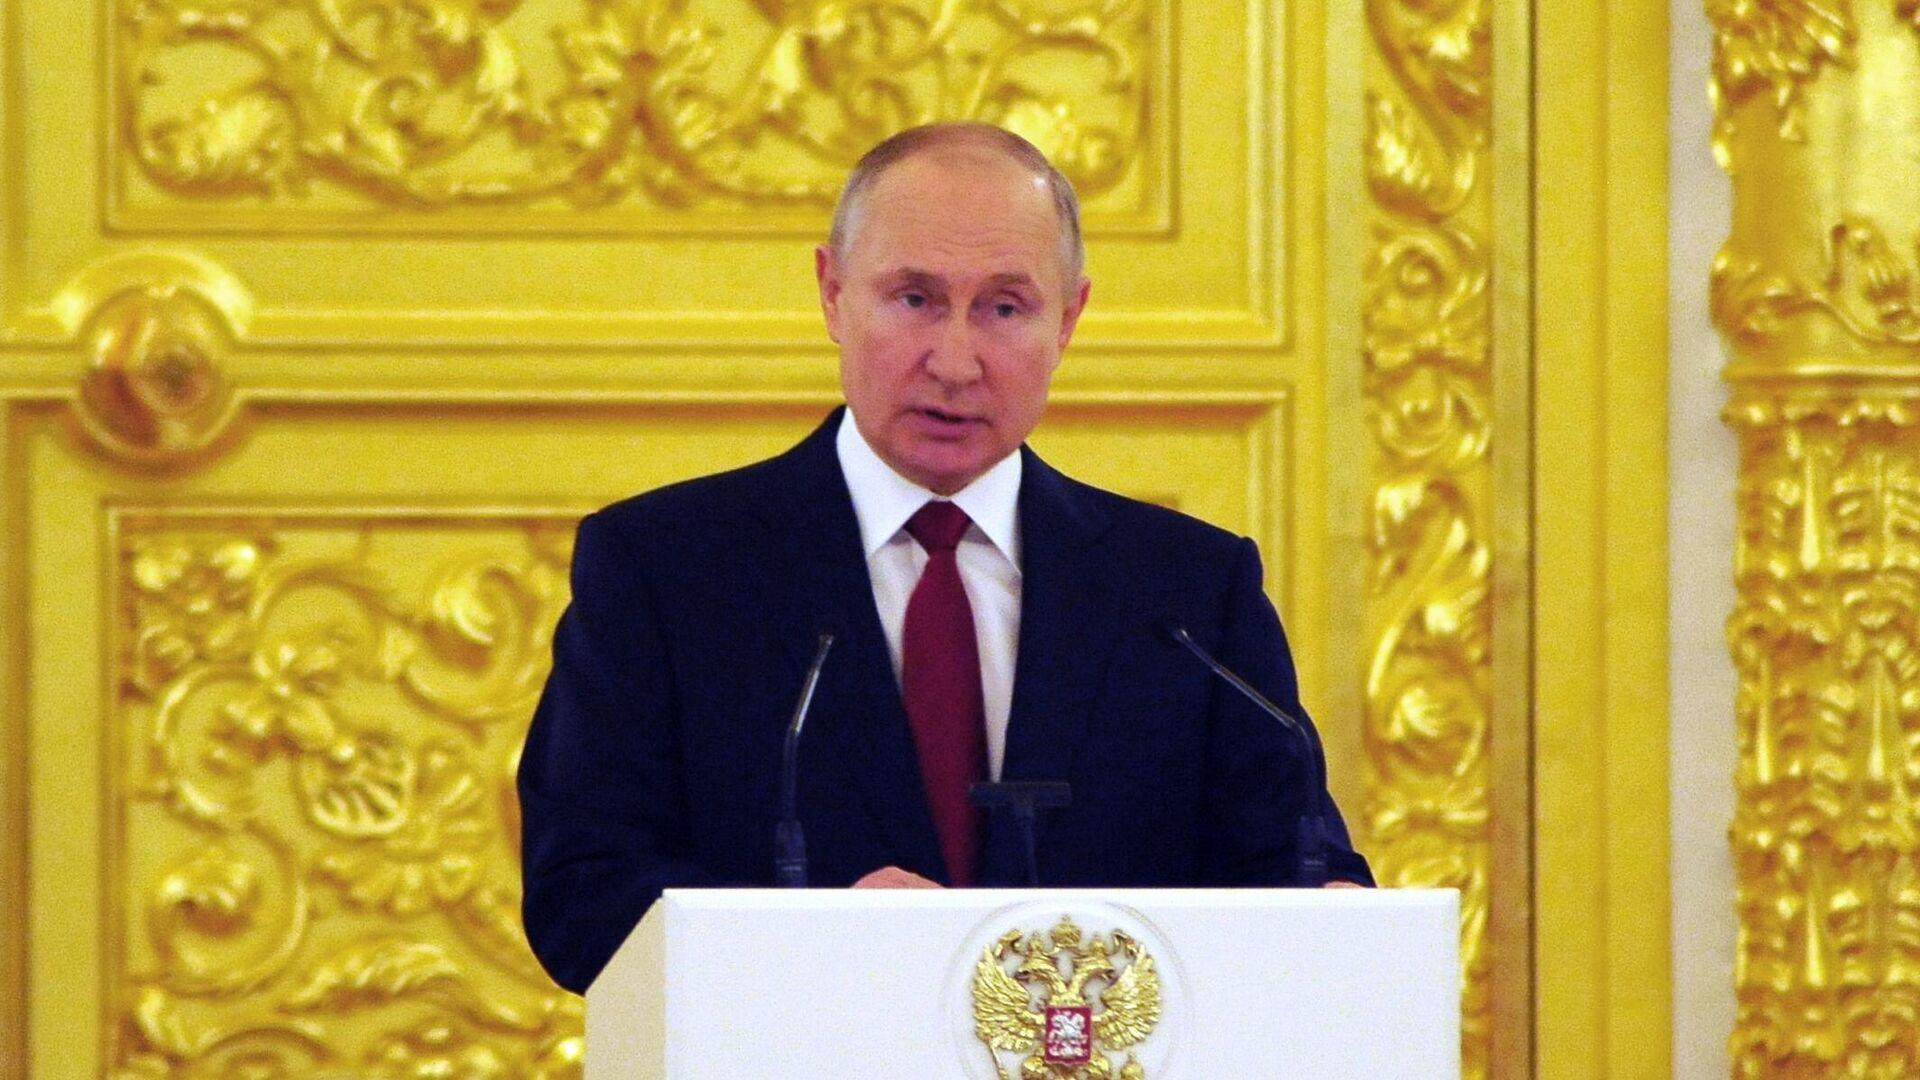 Президент РФ Владимир Путин выступает на церемонии вручения верительных грамот послами иностранных государств - РИА Новости, 1920, 18.05.2021